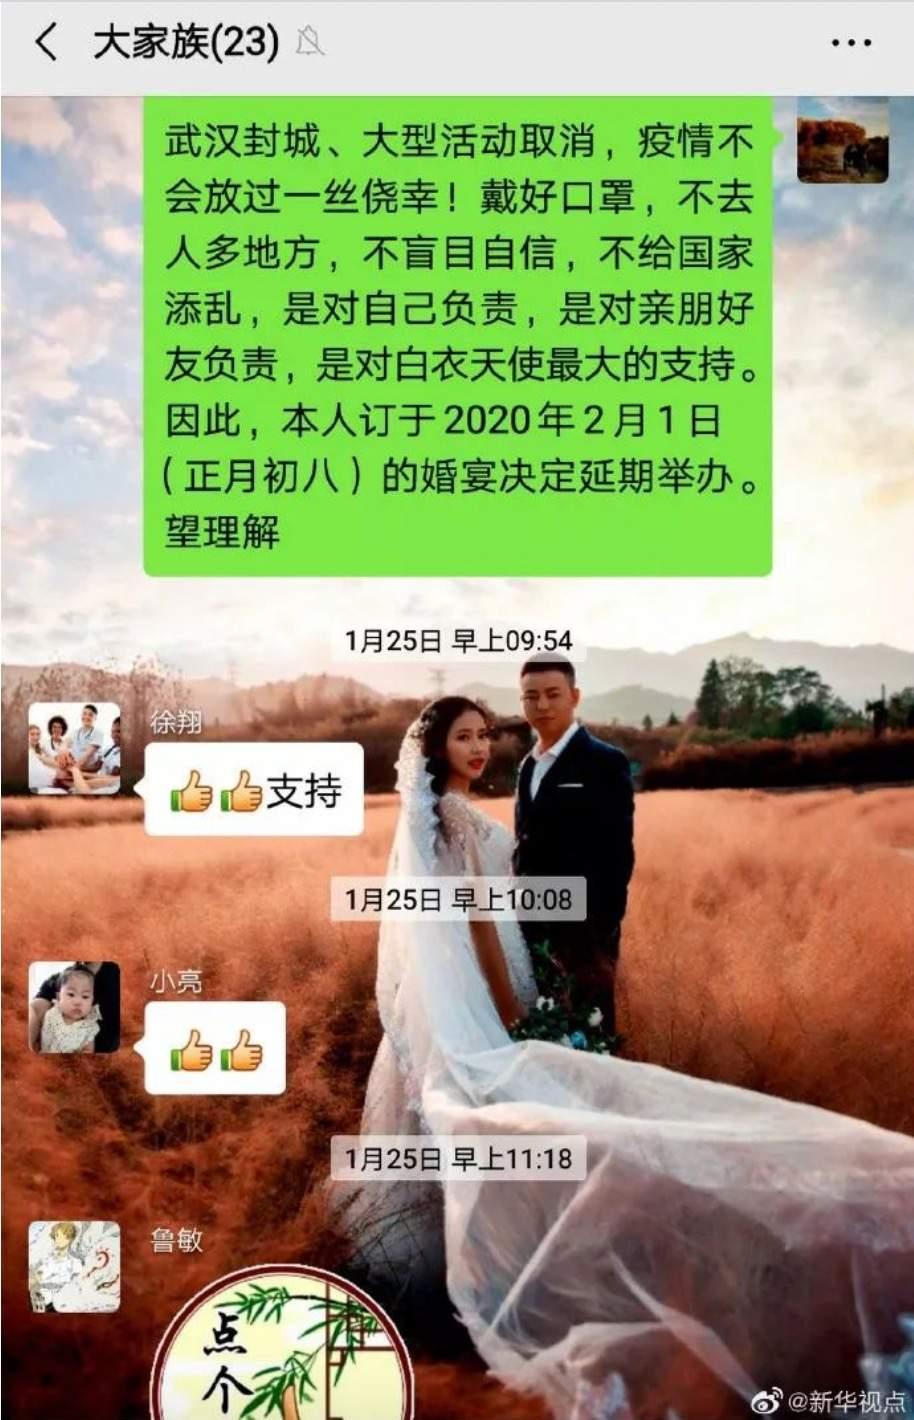 傲游浏览器截图20200214124252.jpg?x-oss-process=style/w10